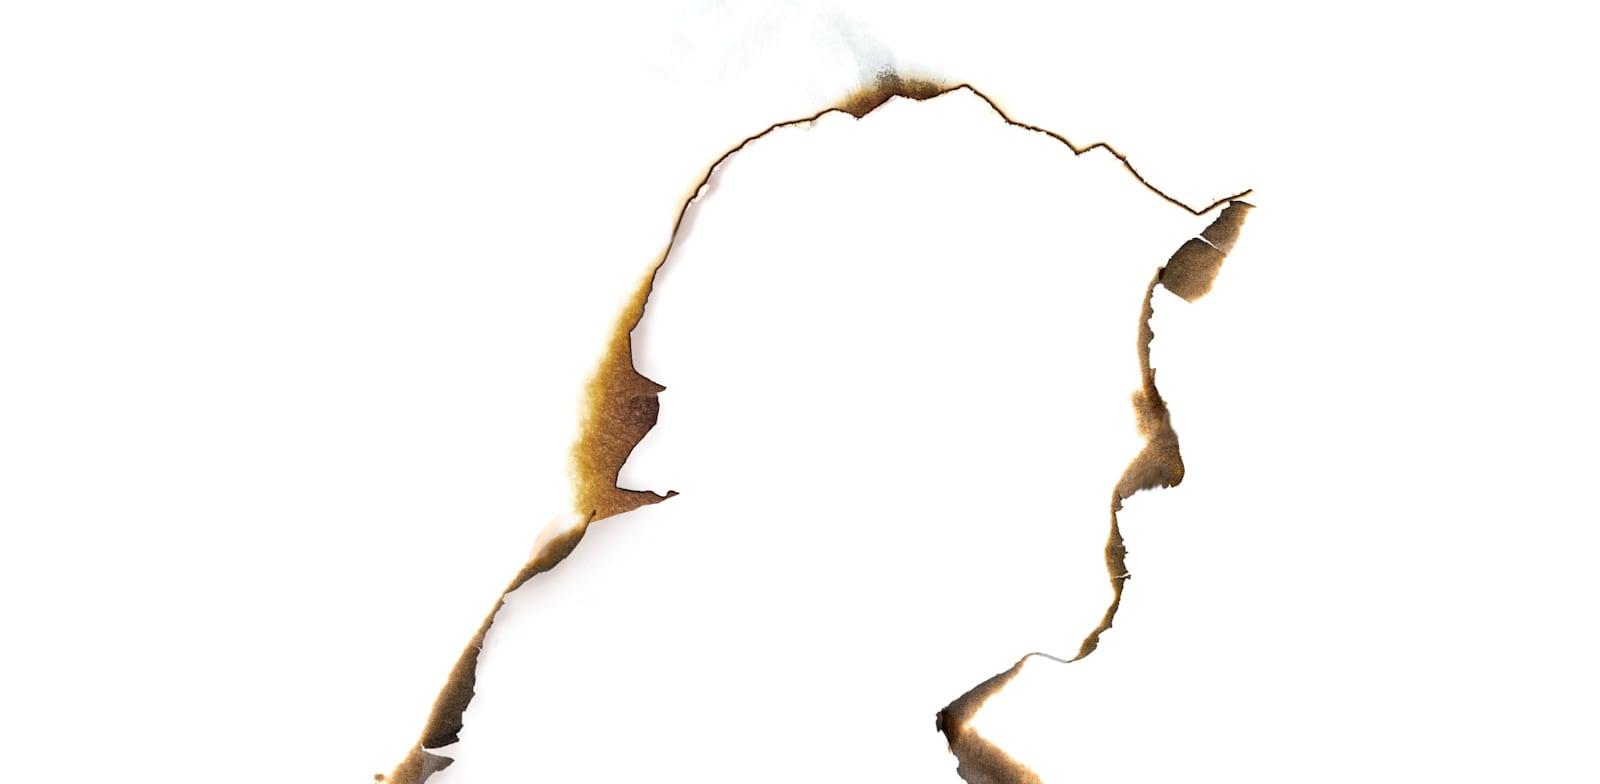 נפרדים מדונלד טראמפ / עיבוד תמונה: אלישע נדב